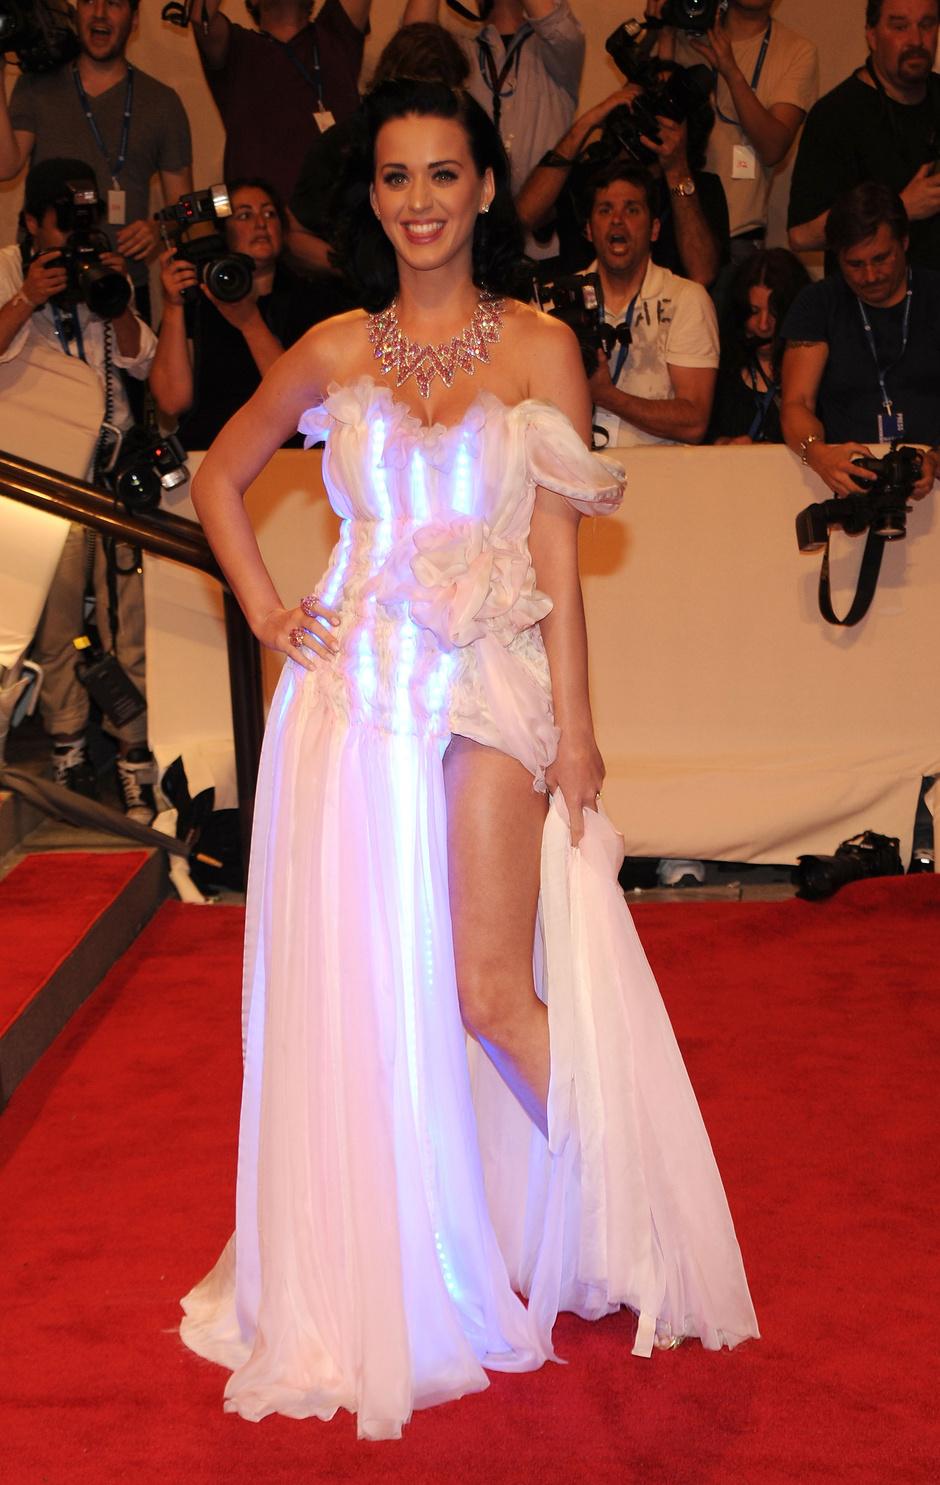 Кэти Перри, 2010 год